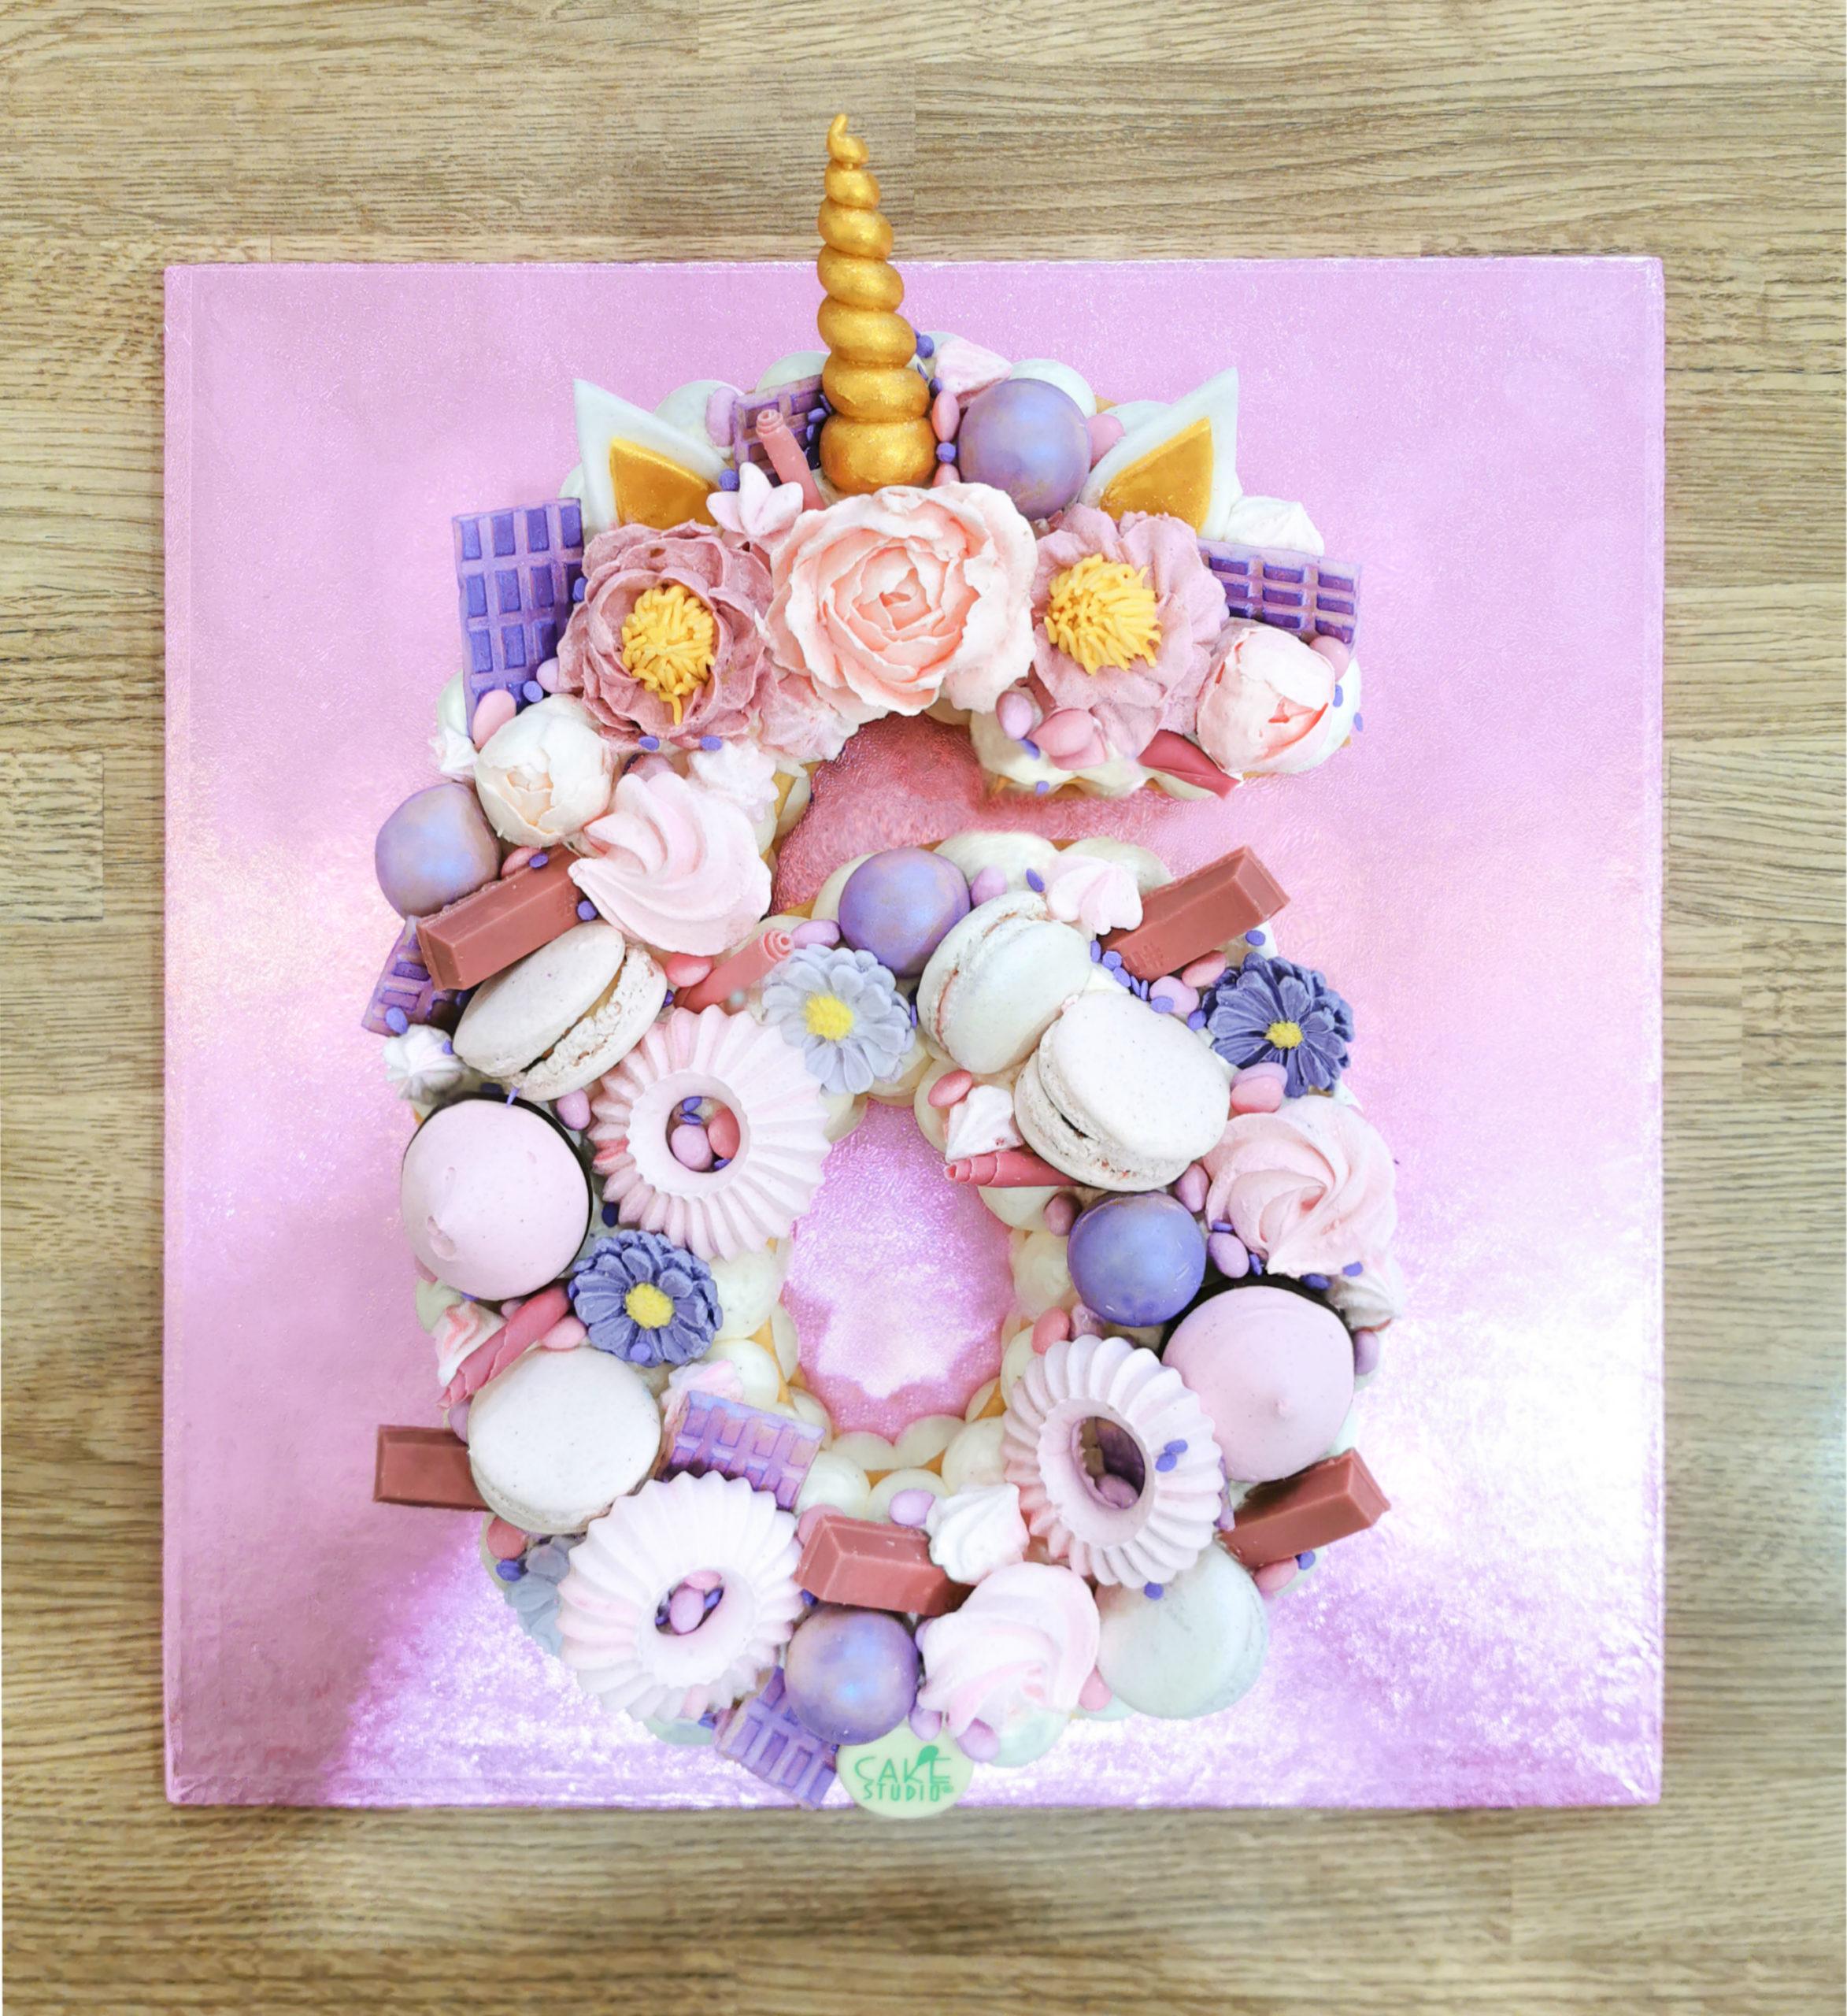 cream tart decorata con unicorno